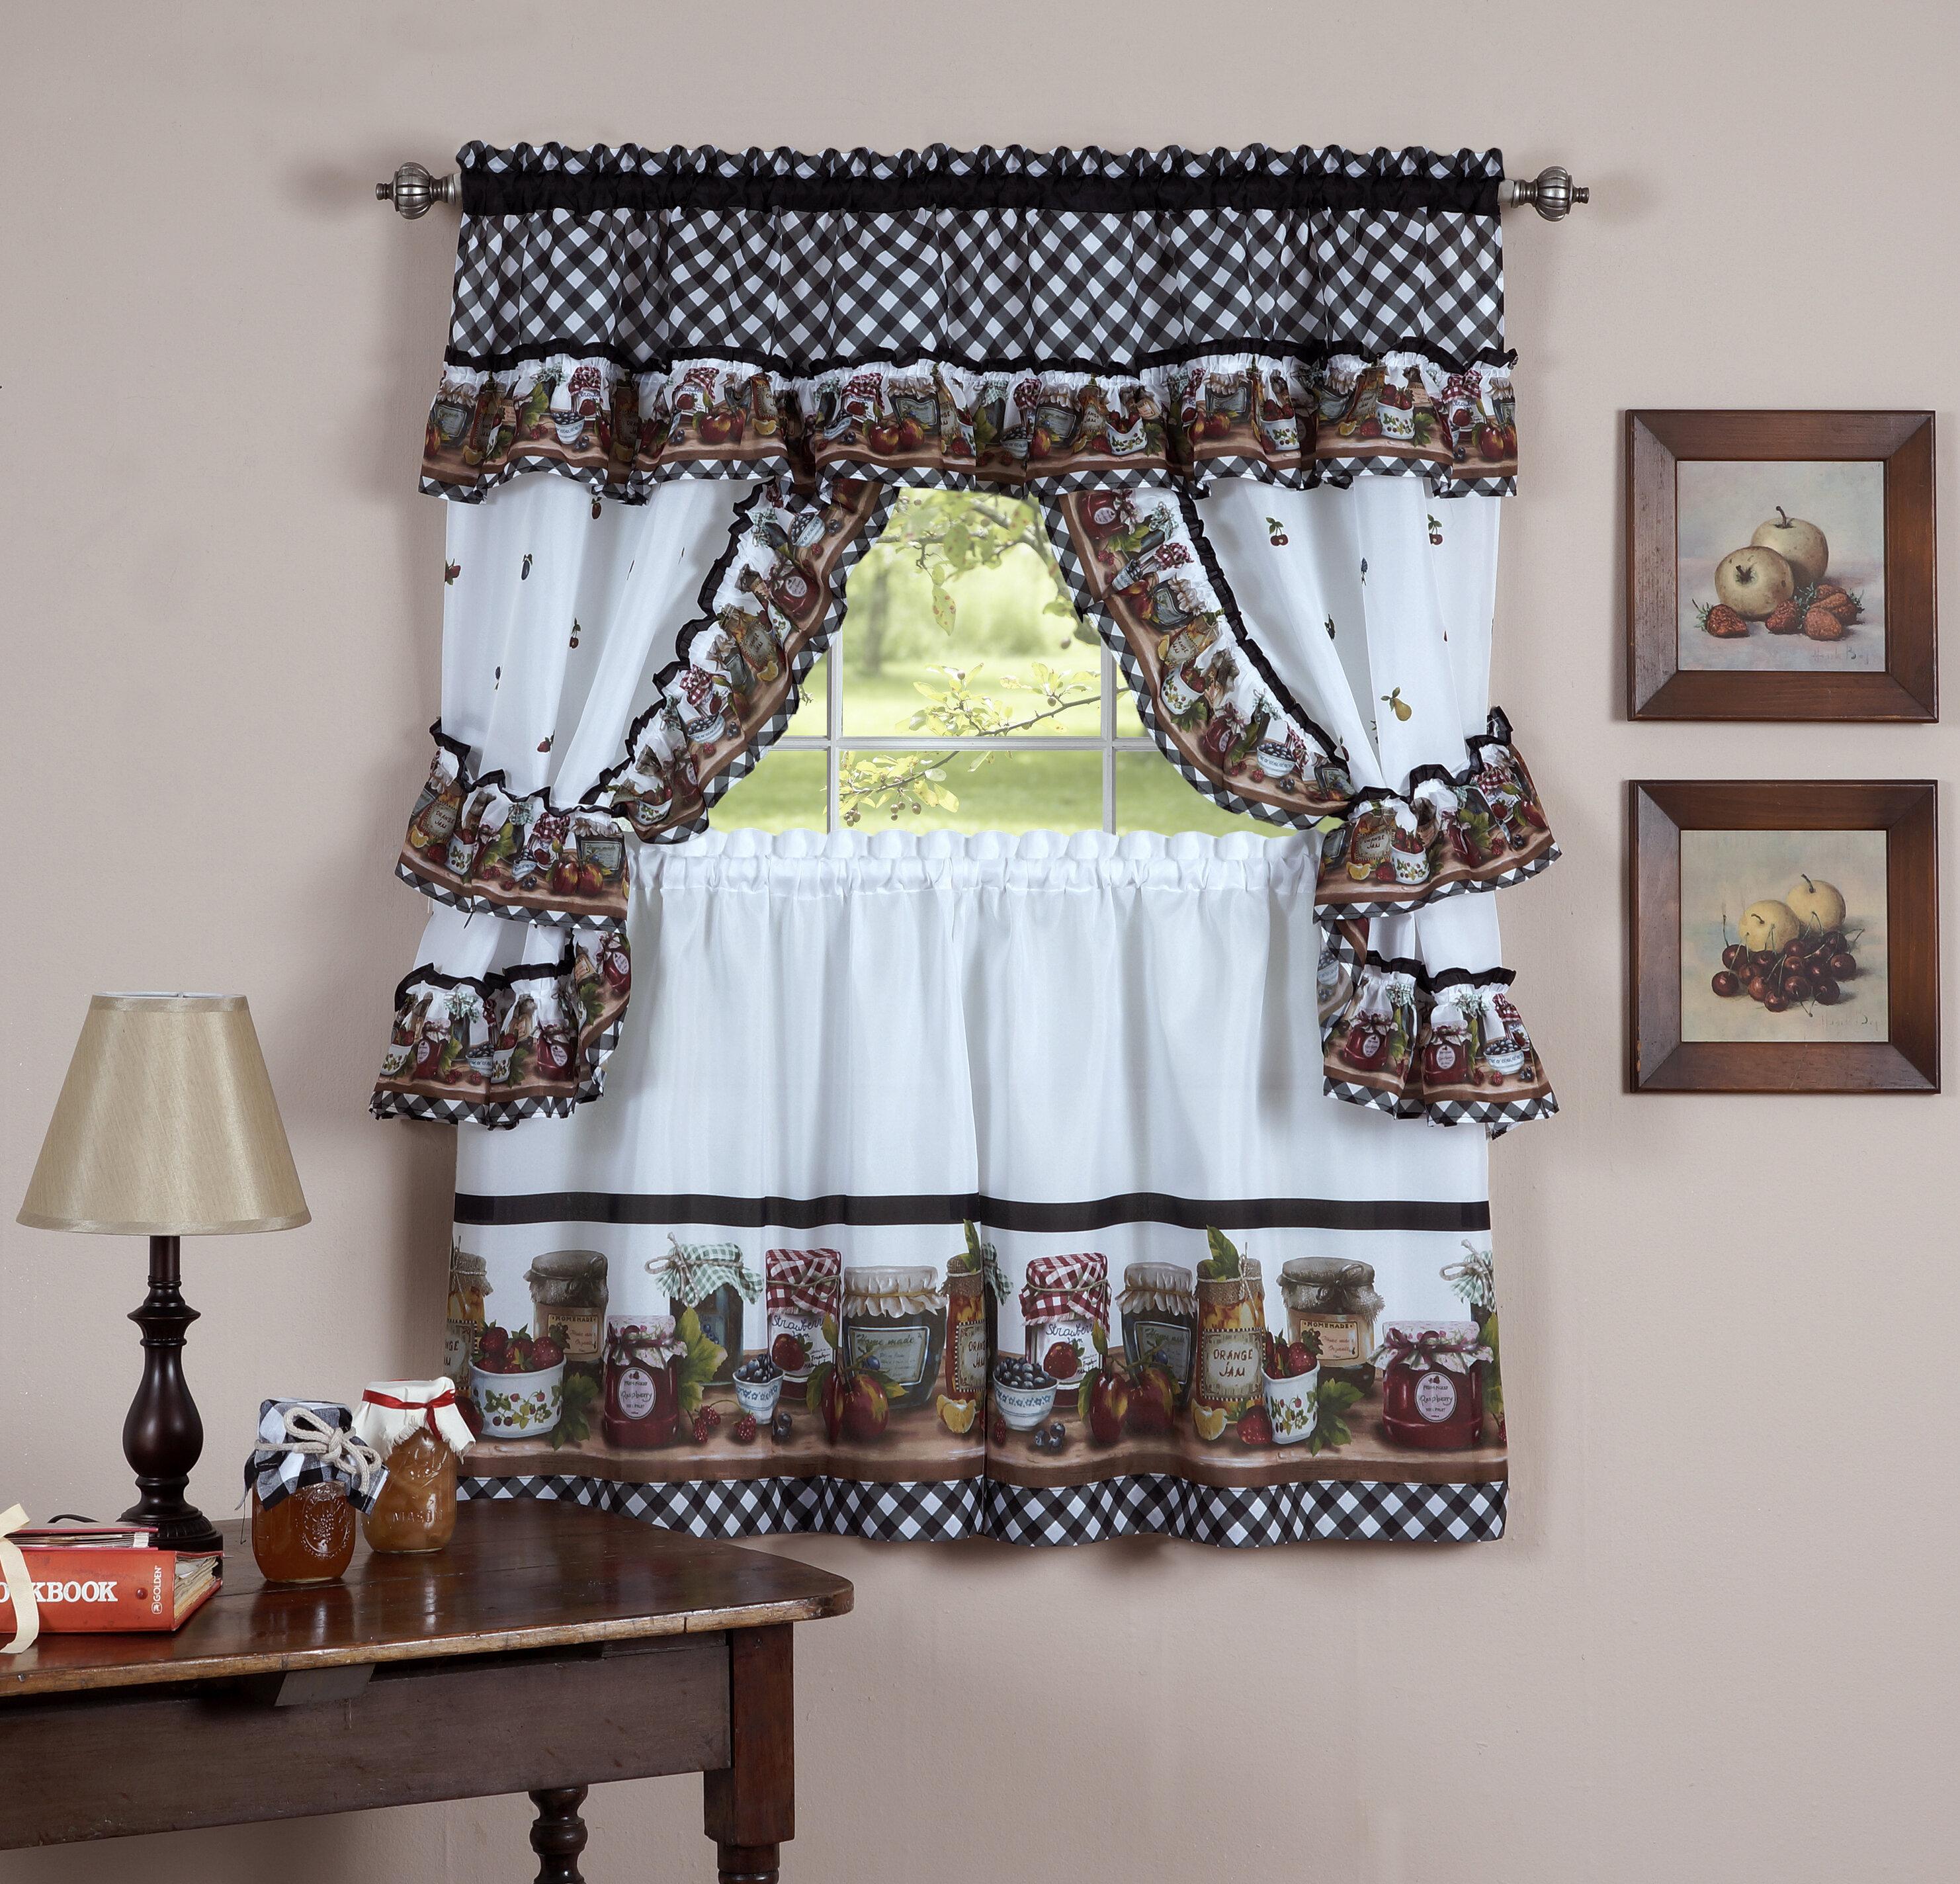 August Grove Guimauve Mason Jar Cottage Kitchen Window Treatment Set Reviews Wayfair